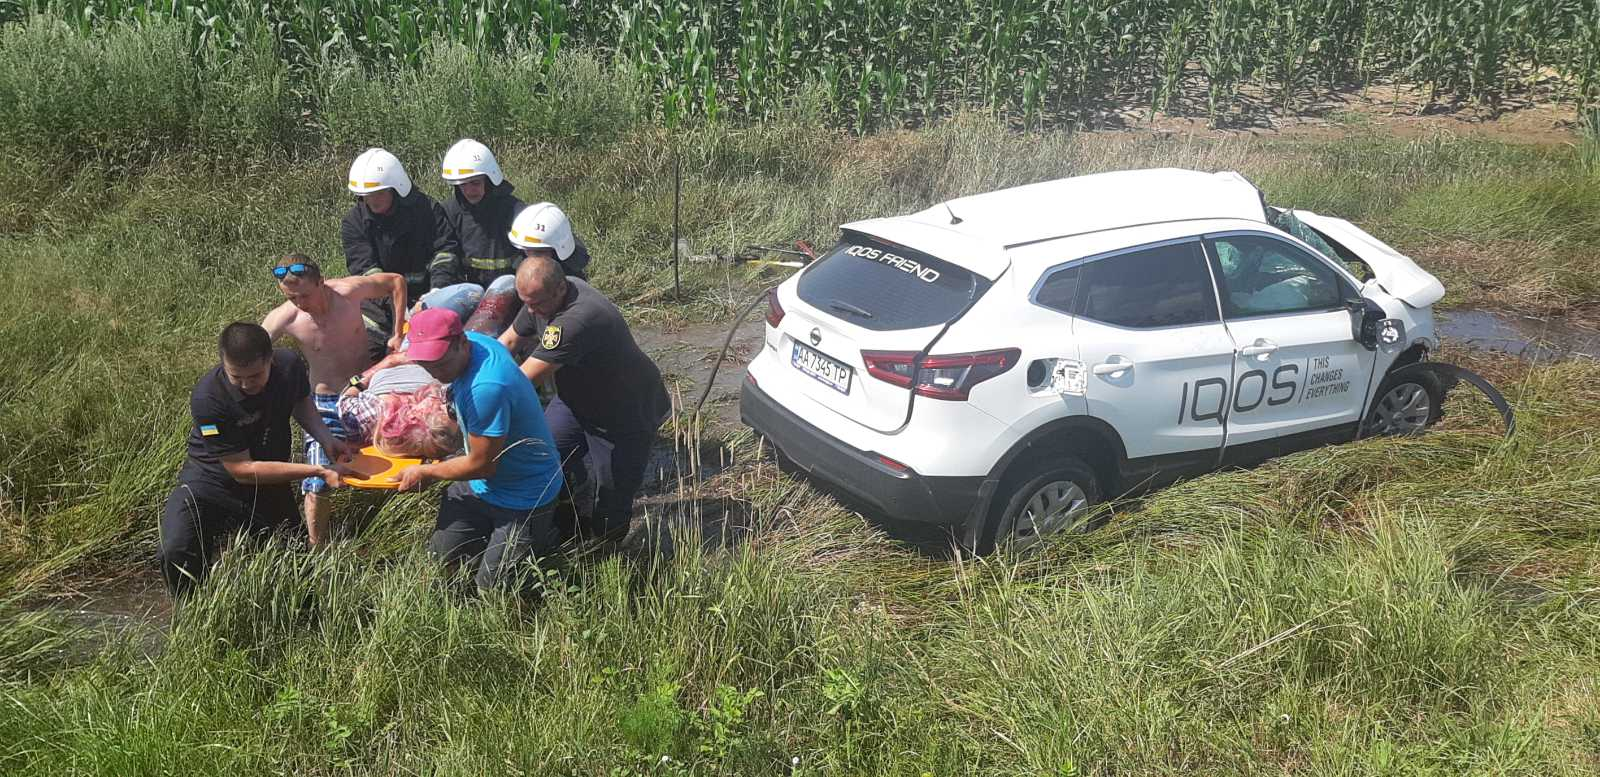 Жахлива ДТП в Київській області: дівчина на Nissan в'їхала у вантажівку і вилетіла в кювет  - today.ua